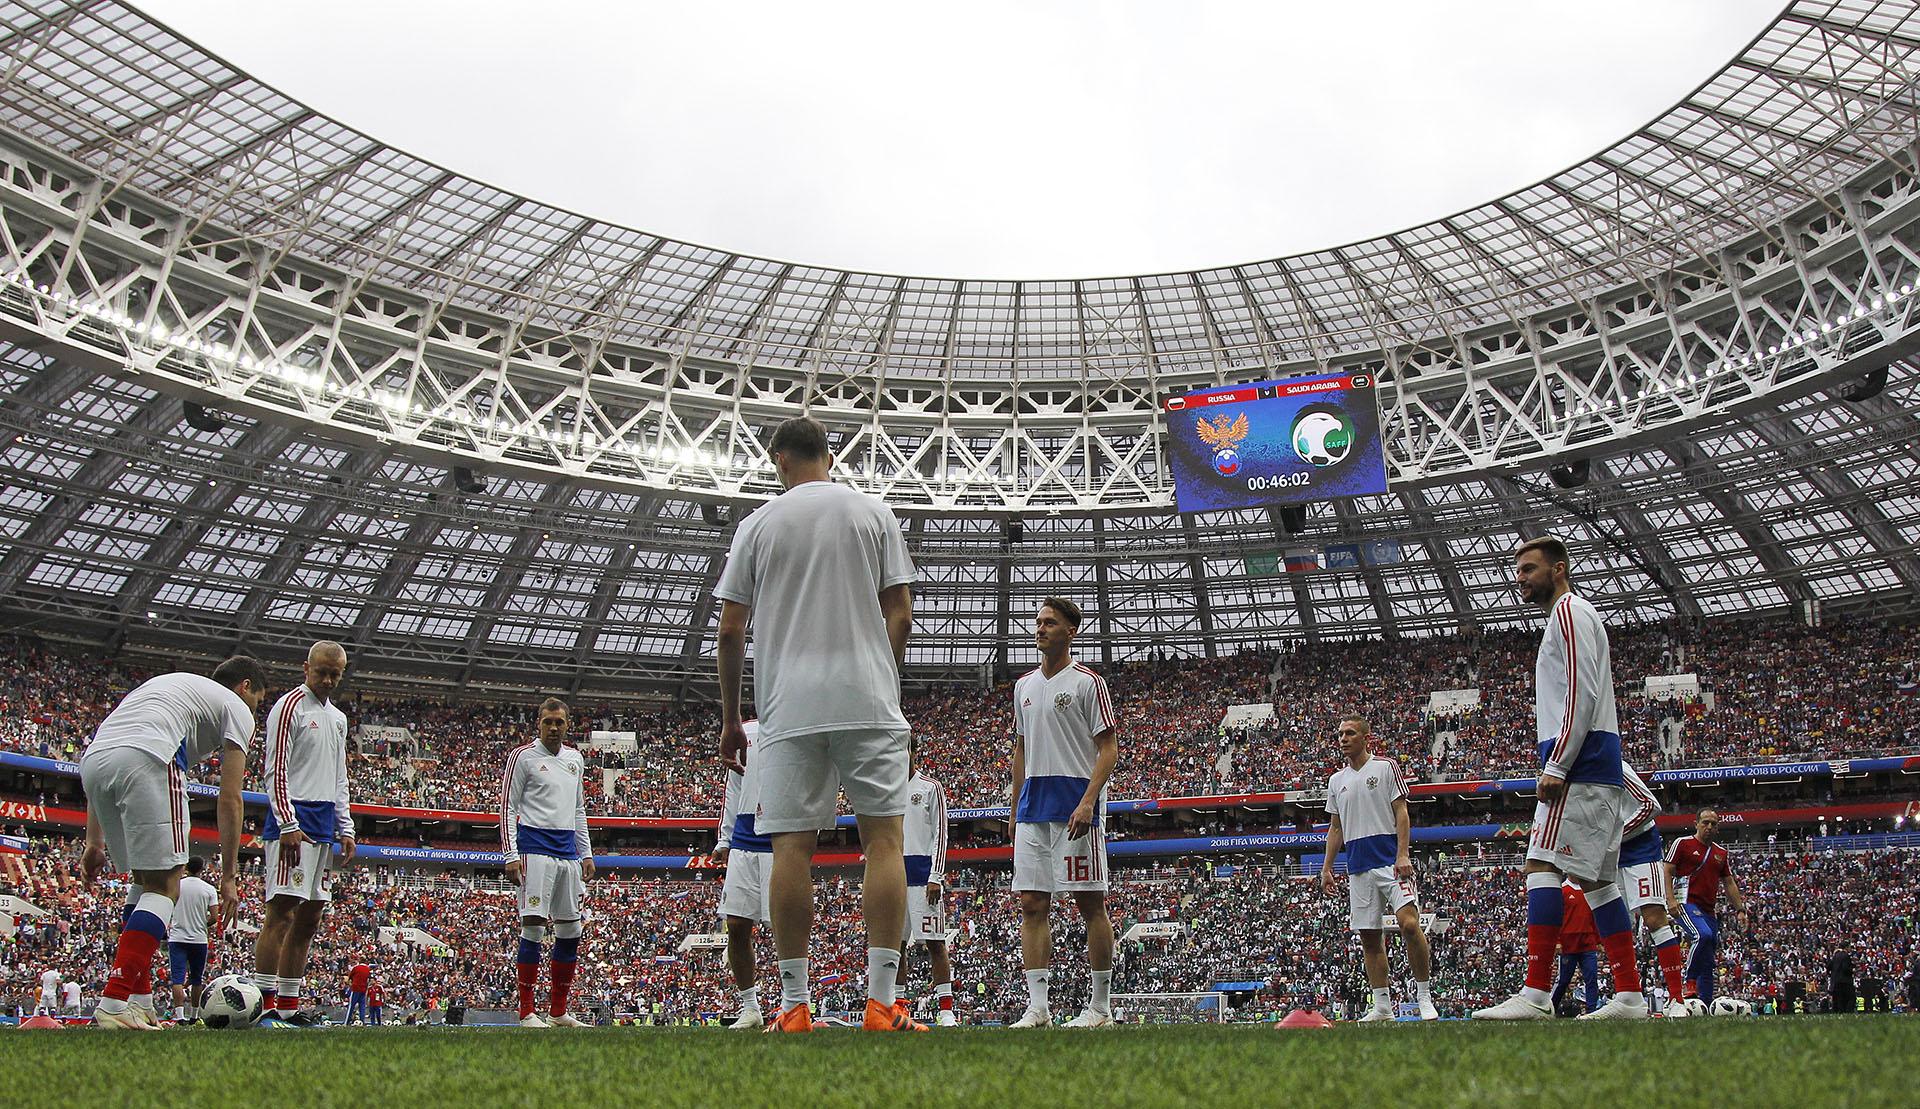 Antes del comienzo de la ceremonia de inauguración, los planteles de ambos equipos salieron al campo de juego para los trabajos precompetitivos(AP Photo/Matthias Schrader)